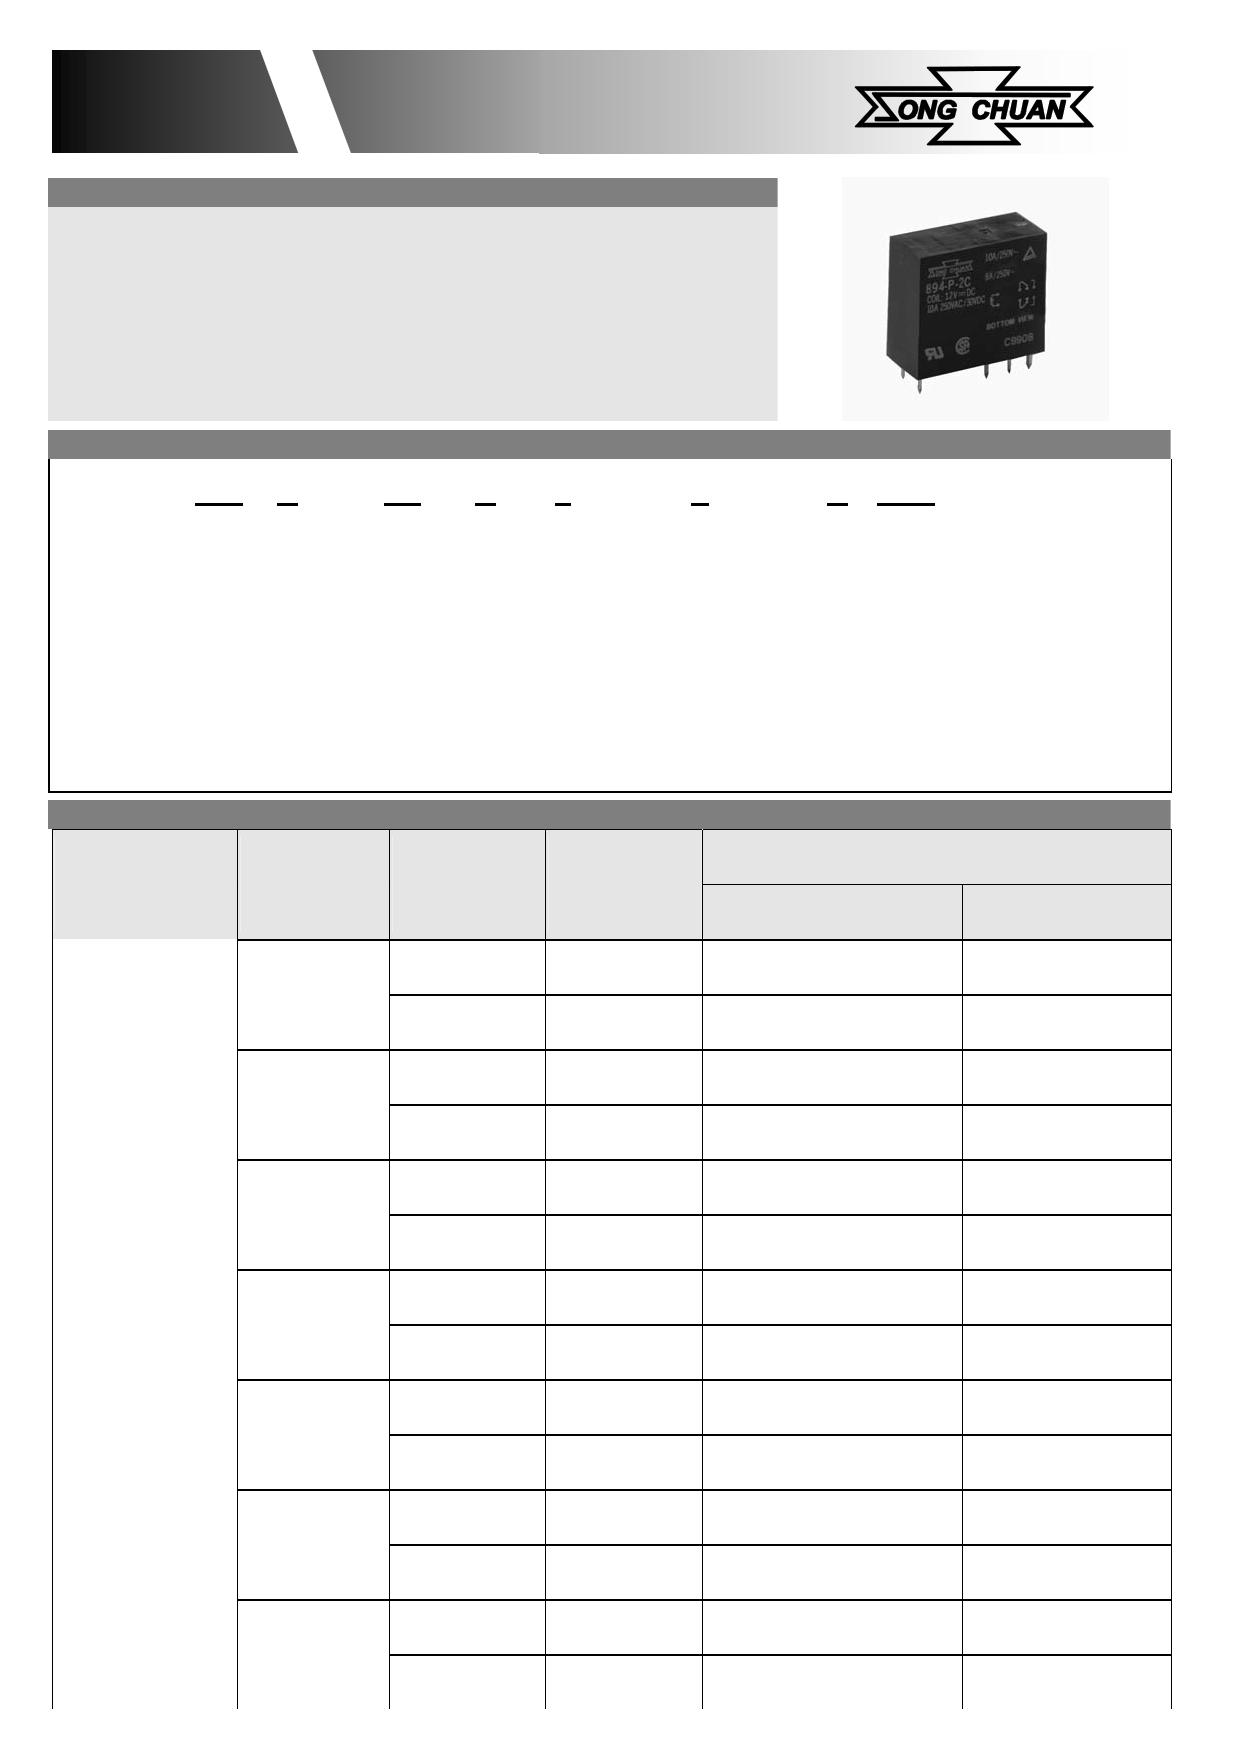 894-2AC2-F-C Datasheet, 894-2AC2-F-C PDF,ピン配置, 機能